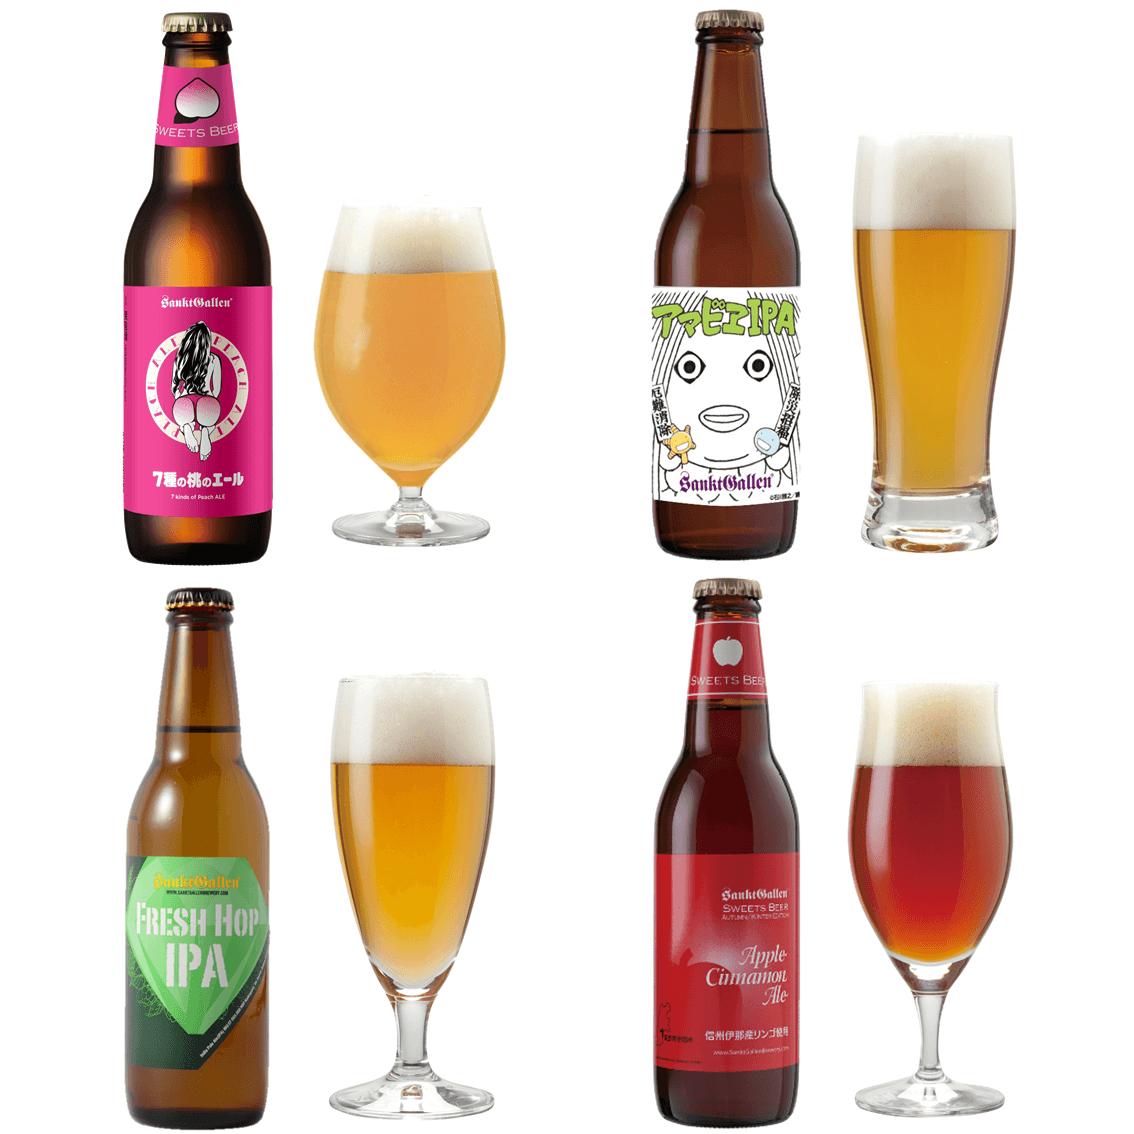 7種の桃のエール入限定ビール4種セット